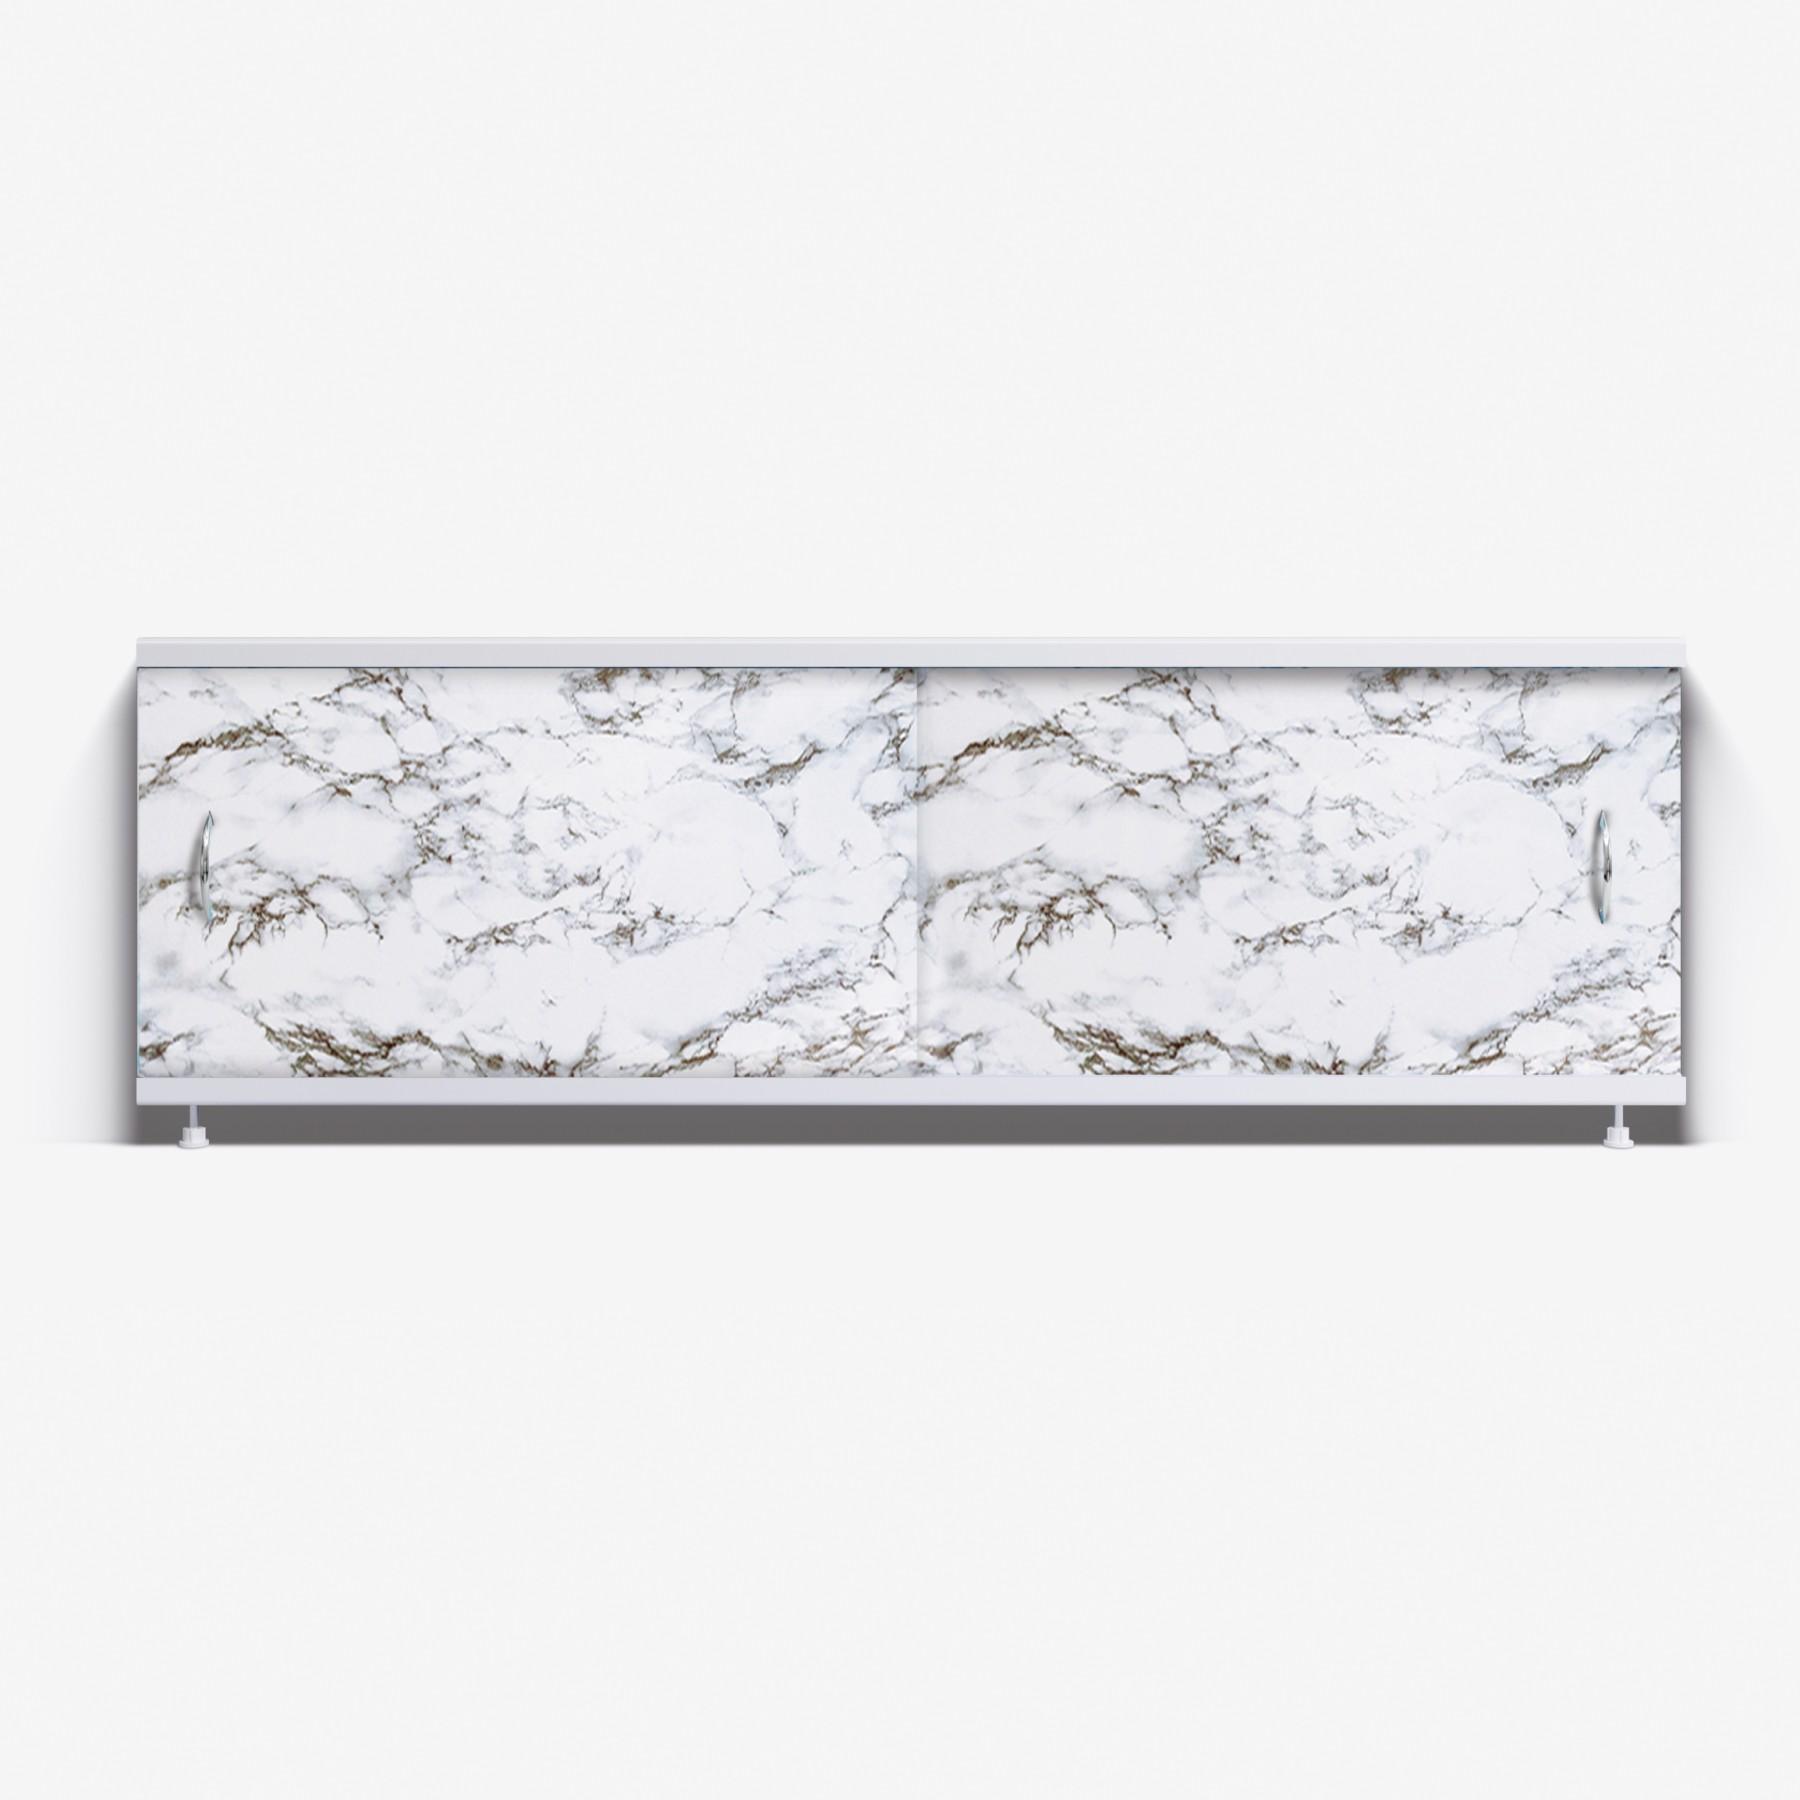 Экран под ванну Классик 150 черно-белый мрамор